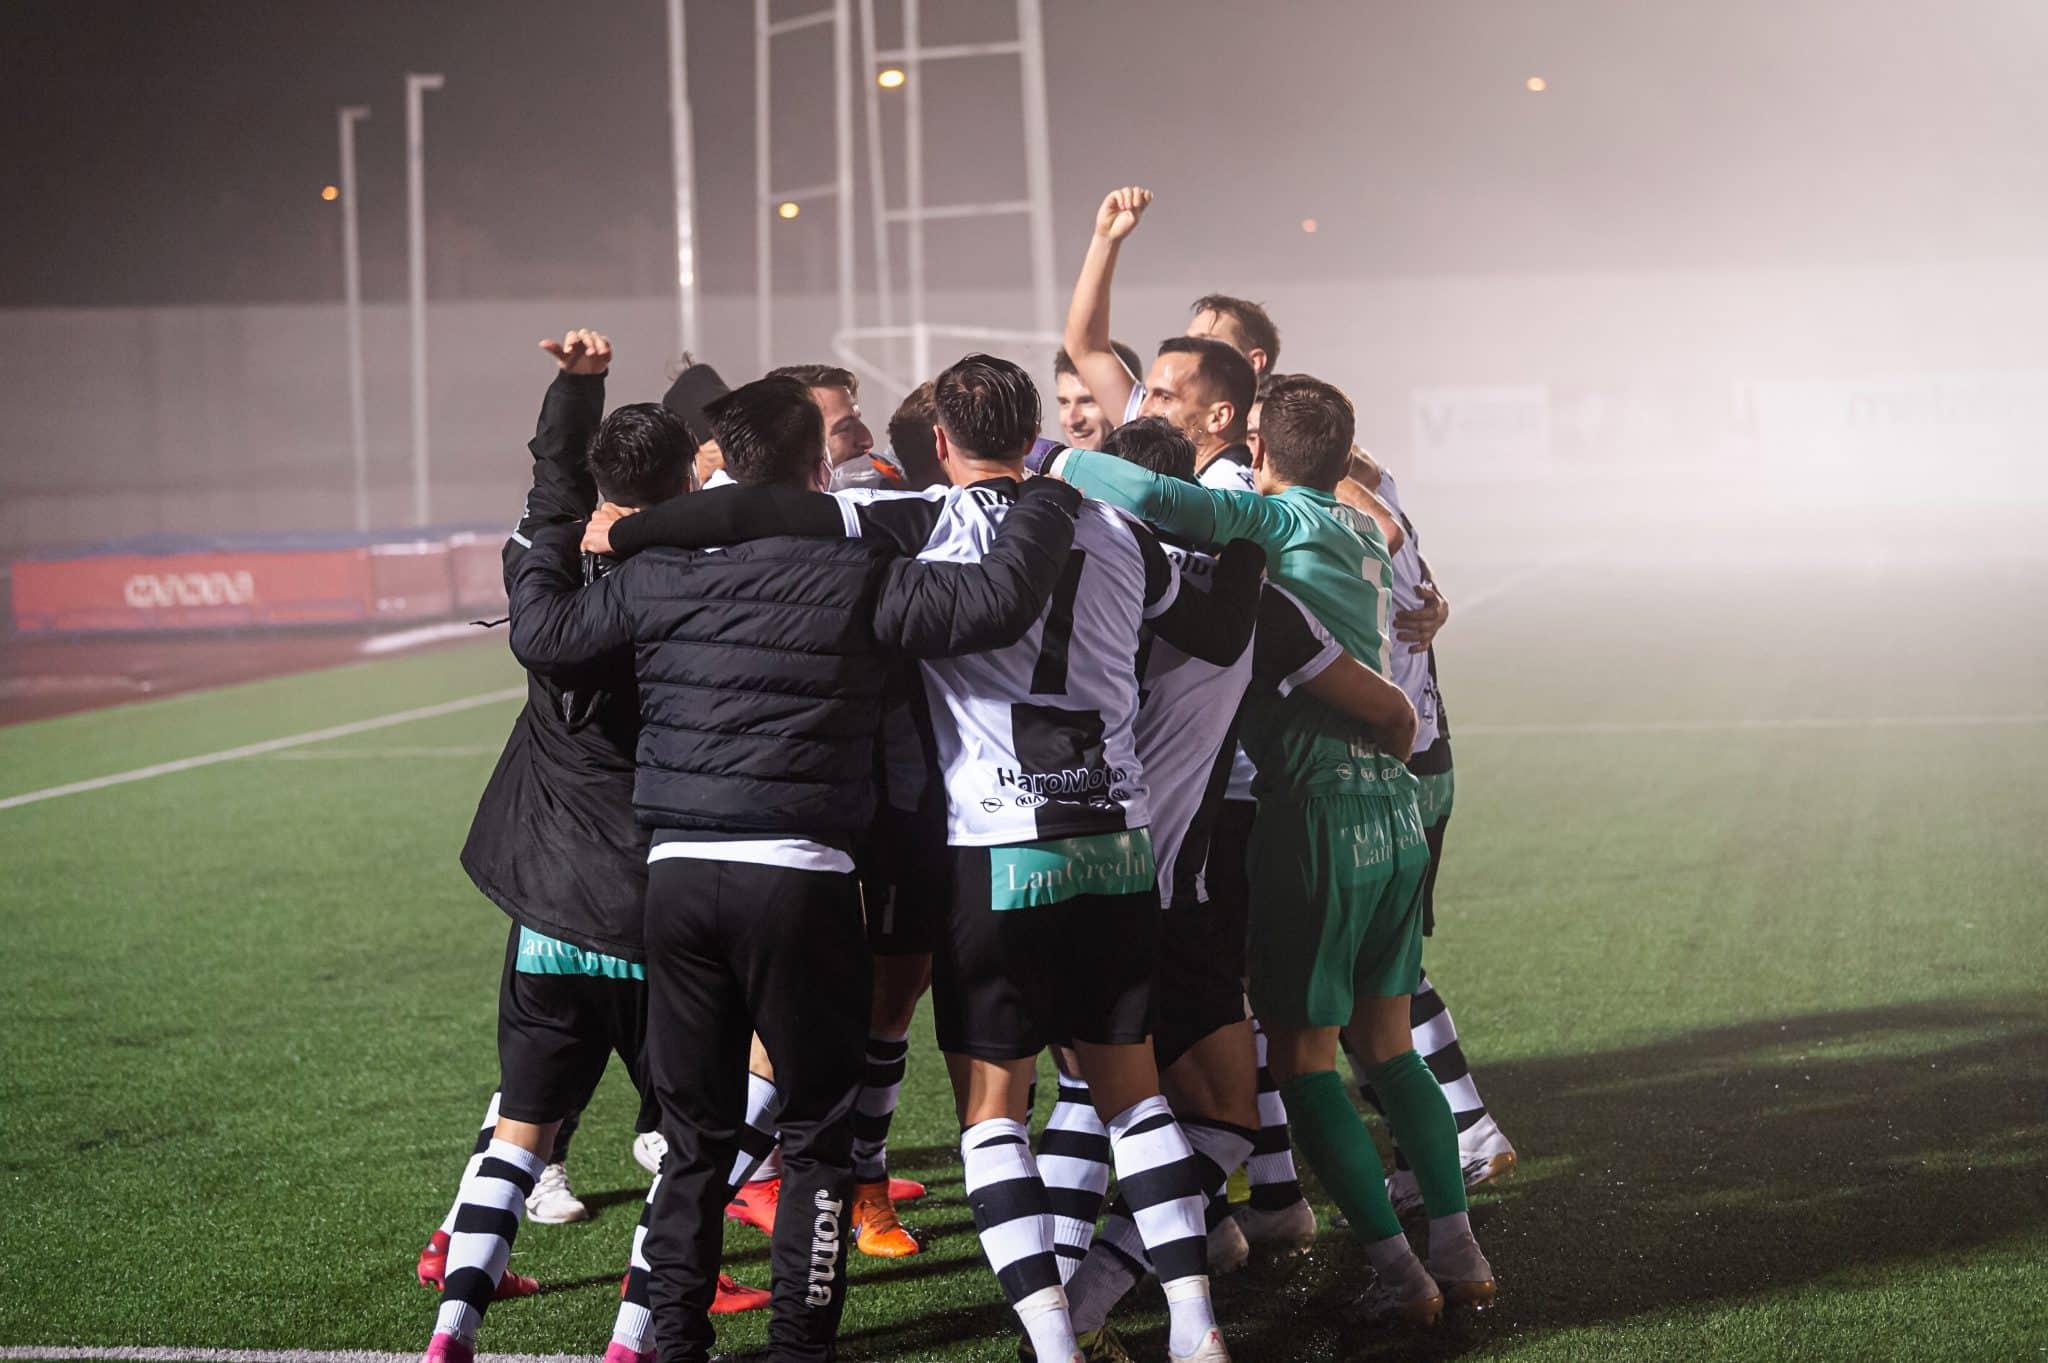 FOTOS: El Haro, el único equipo riojano que sobrevive en la Copa del Rey 17